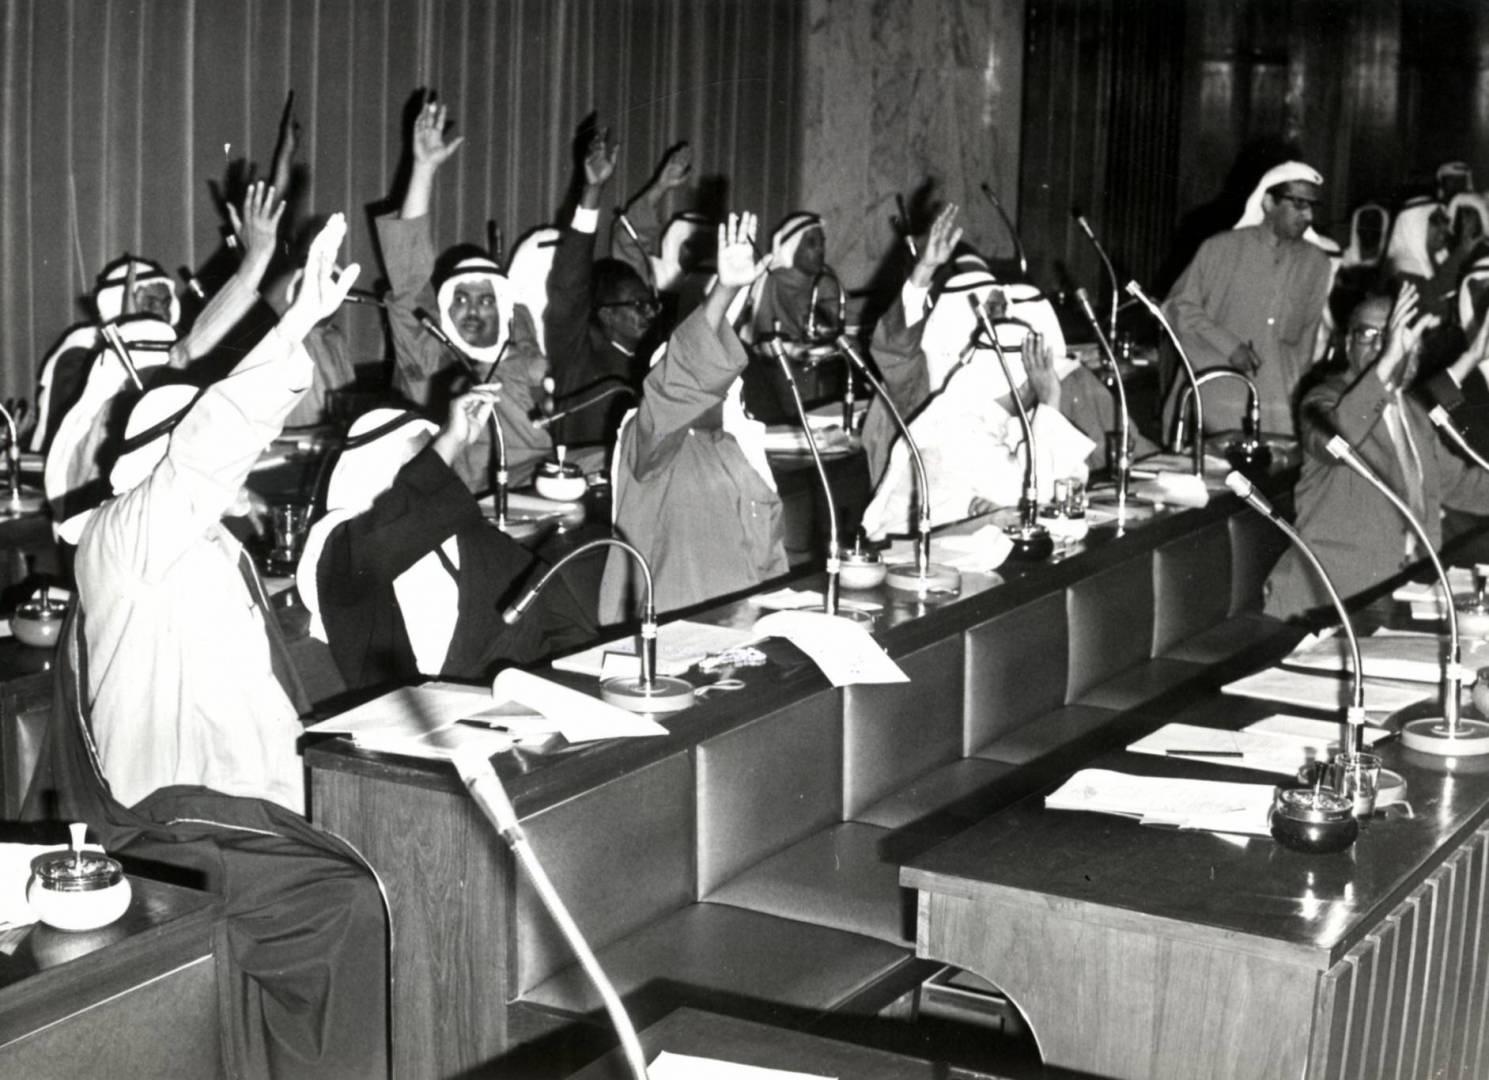 إجماع لوقف تنفيذ الإعدامات في الأردن من النواب في مجلس الأمة.. أرشيفية